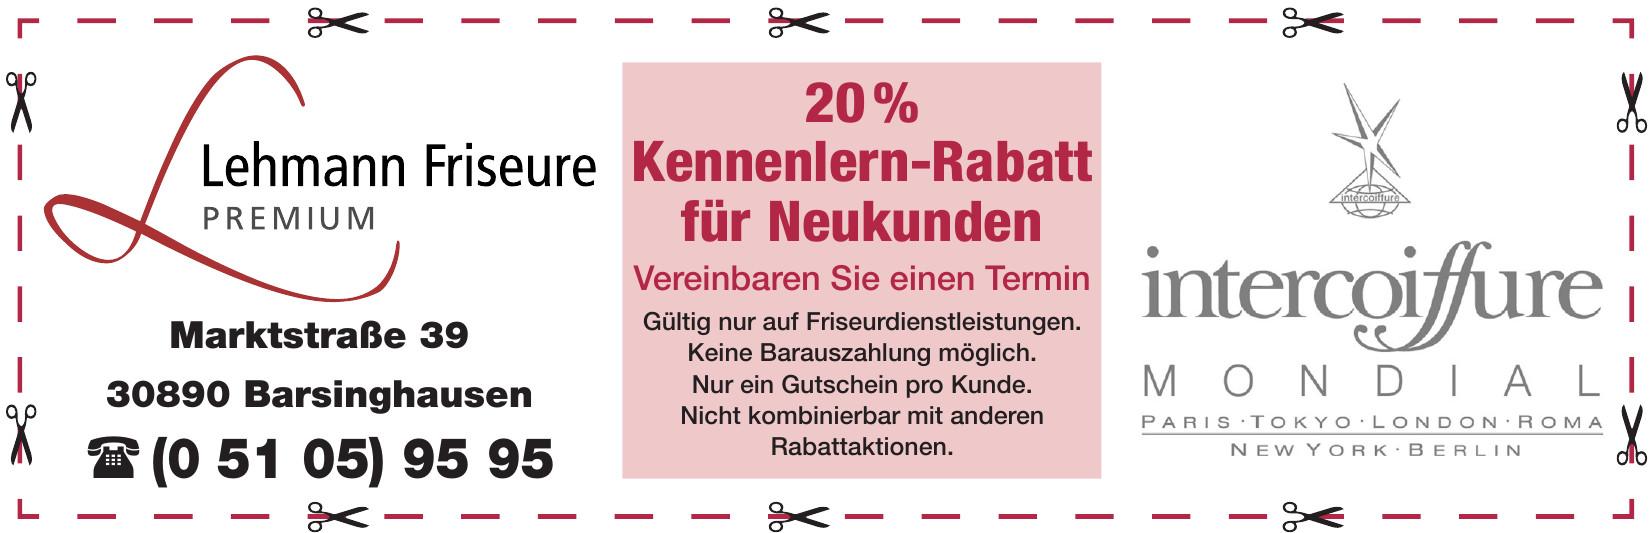 Lehman Friseure Premium